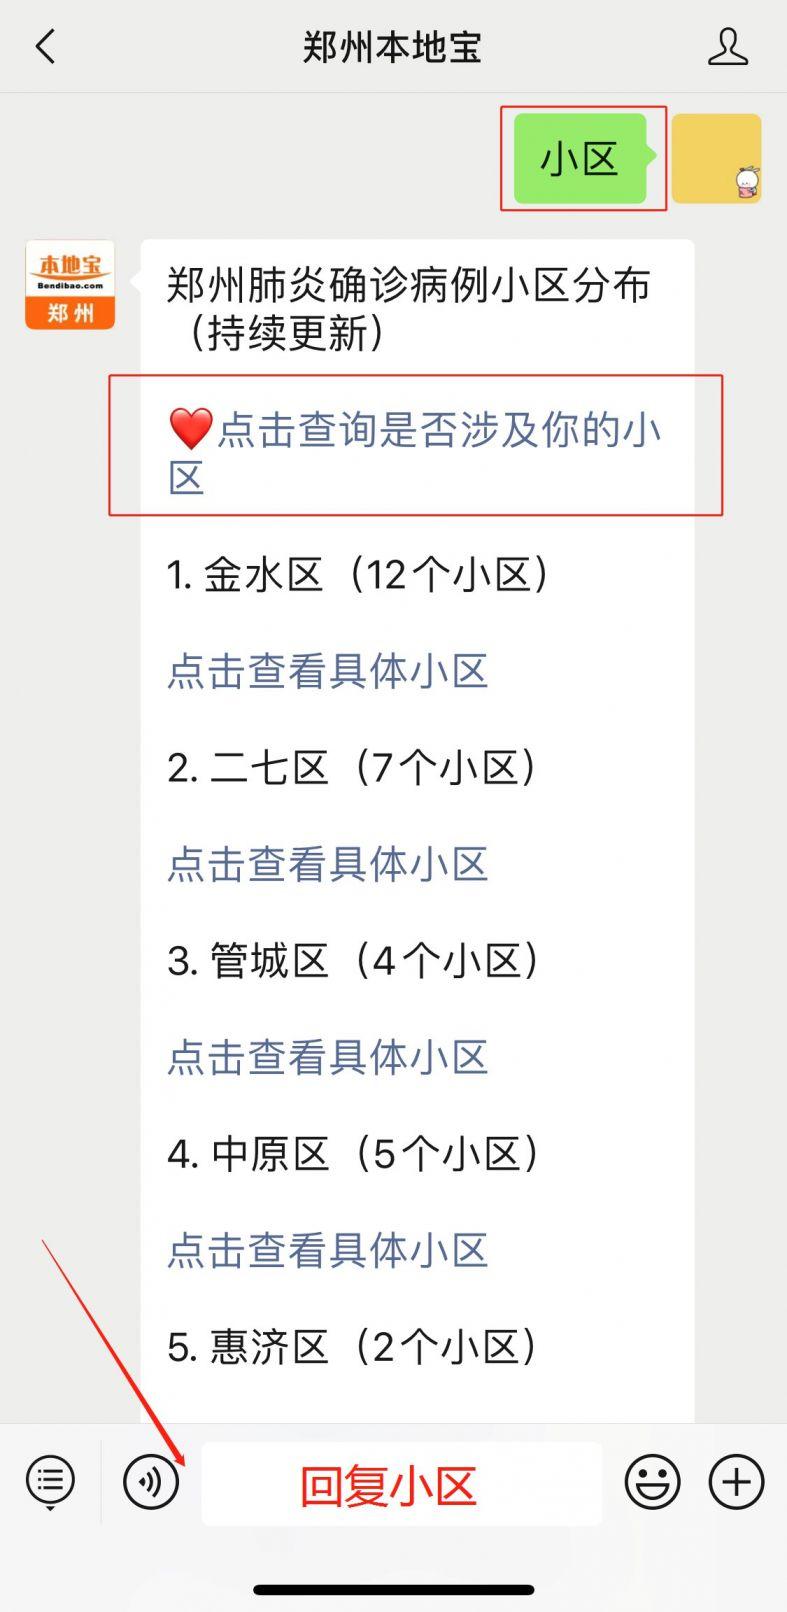 最新!郑州新型肺炎确诊病例到过这些小区!金水、二七、管城……